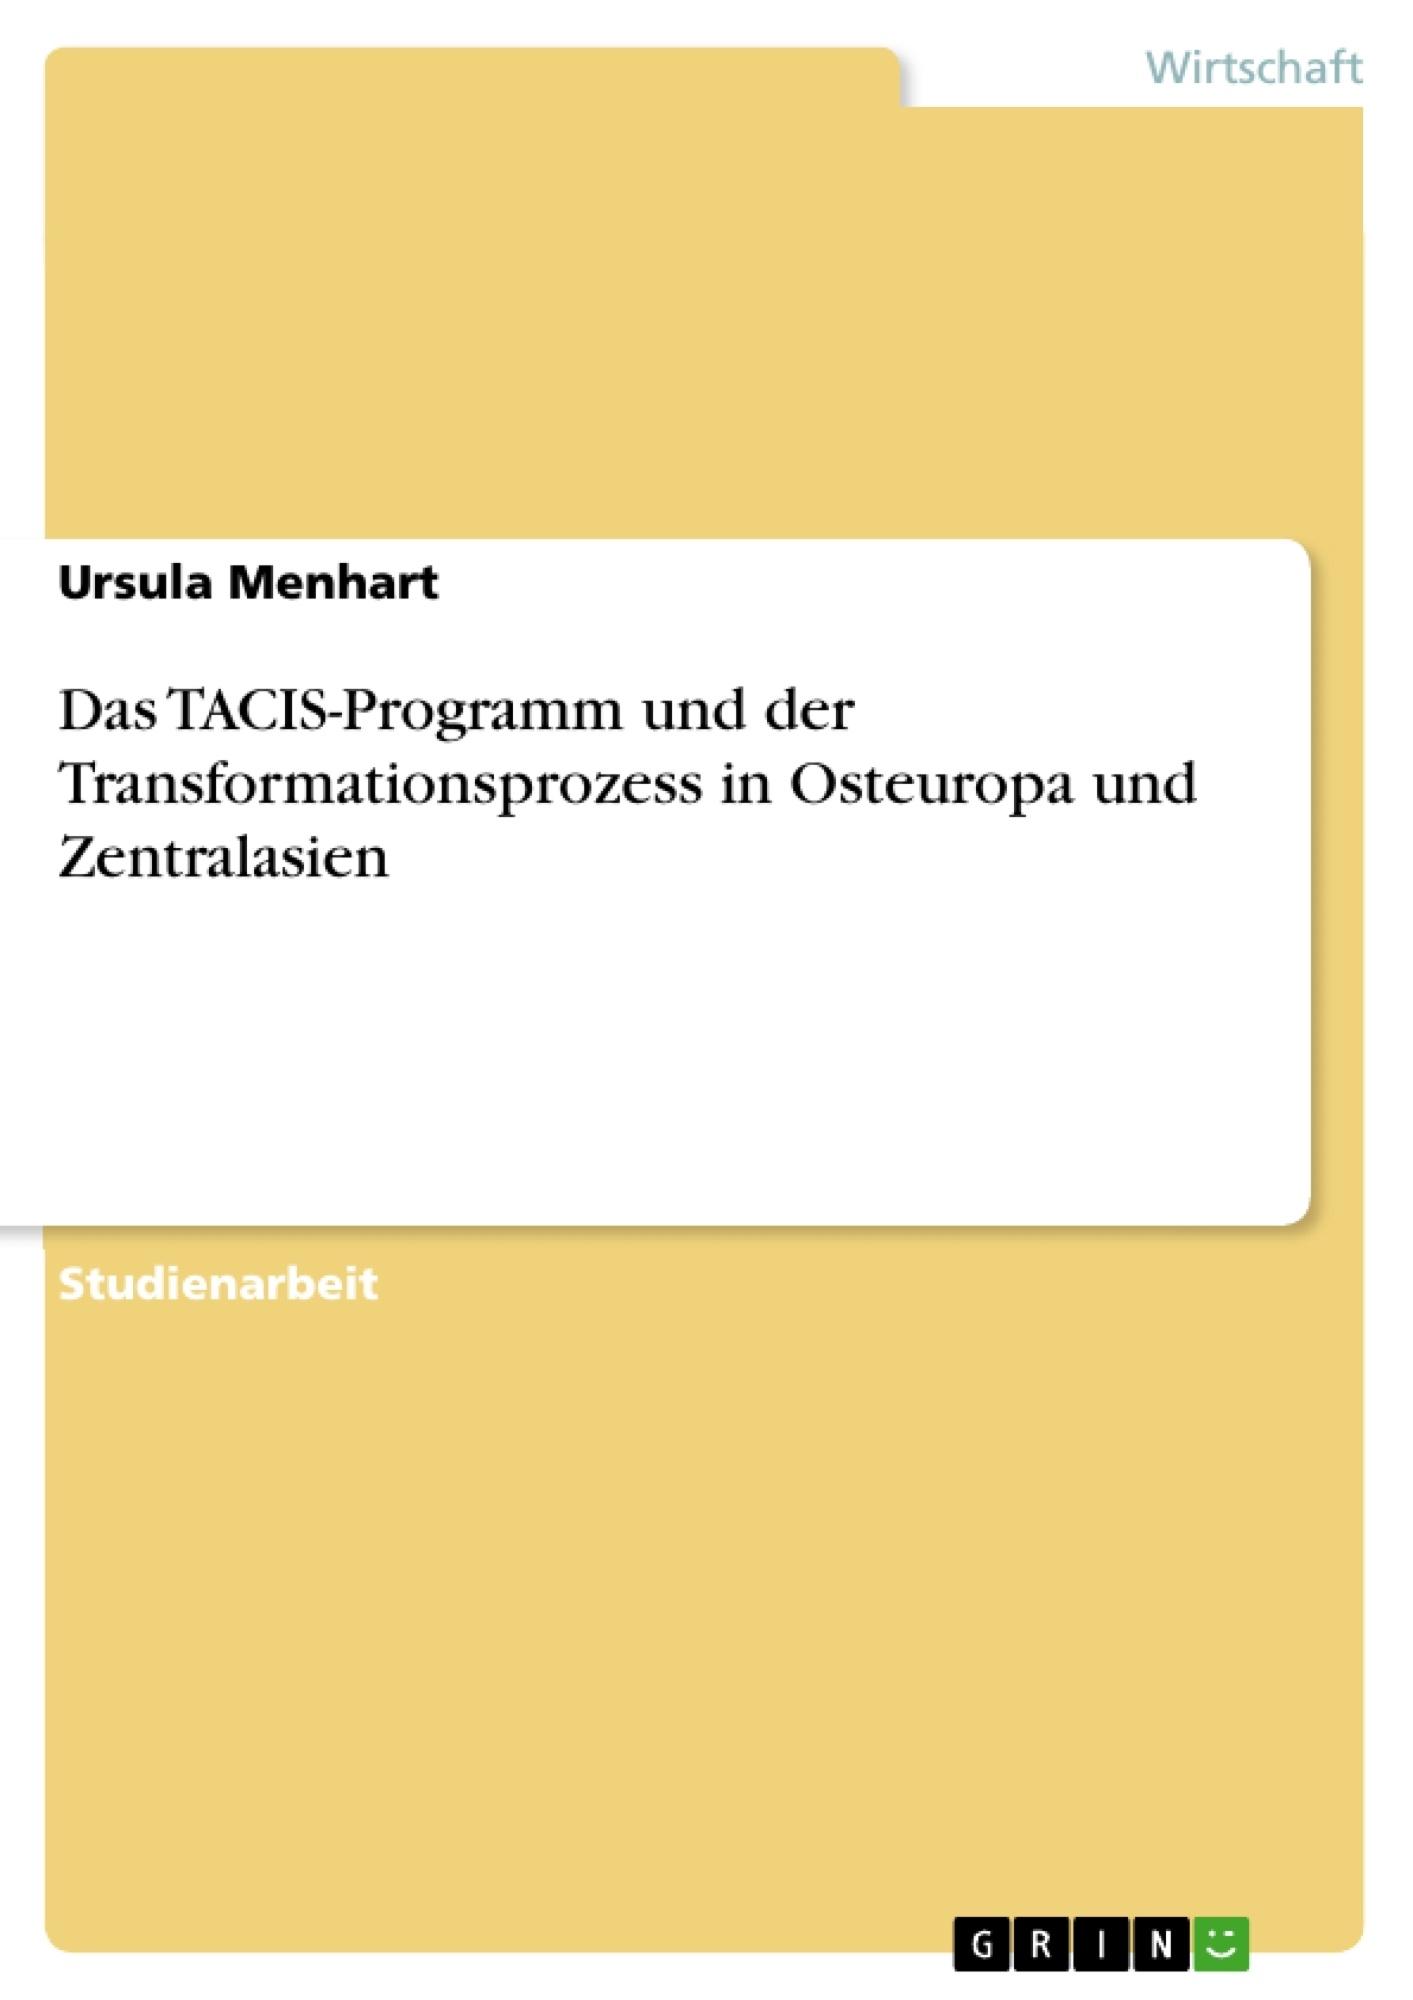 Titel: Das TACIS-Programm und der Transformationsprozess in Osteuropa und Zentralasien